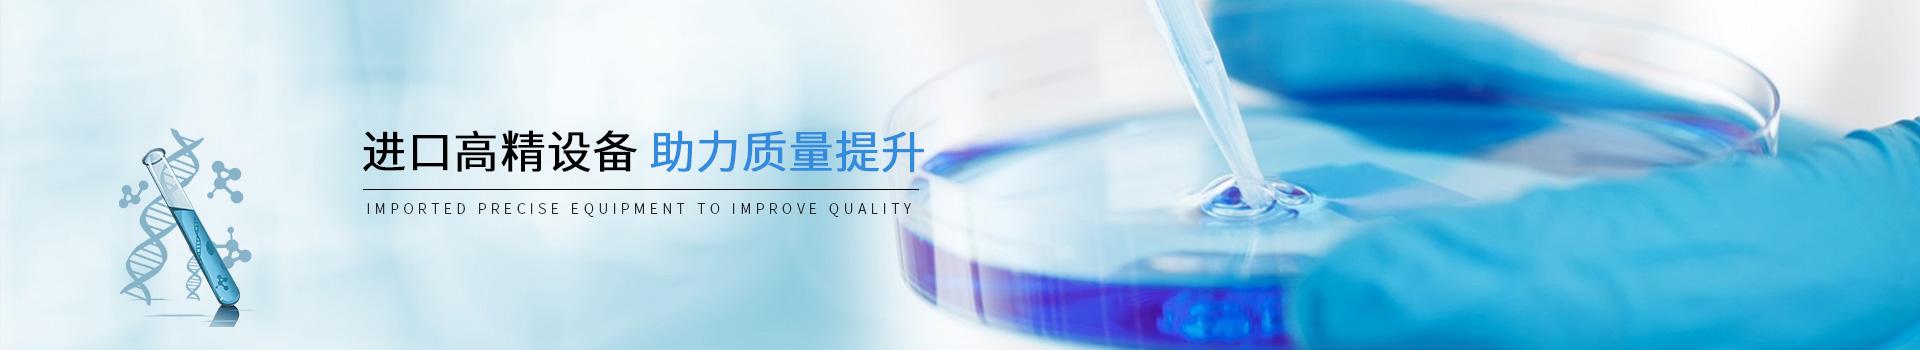 进口高精设备    助力质量提升